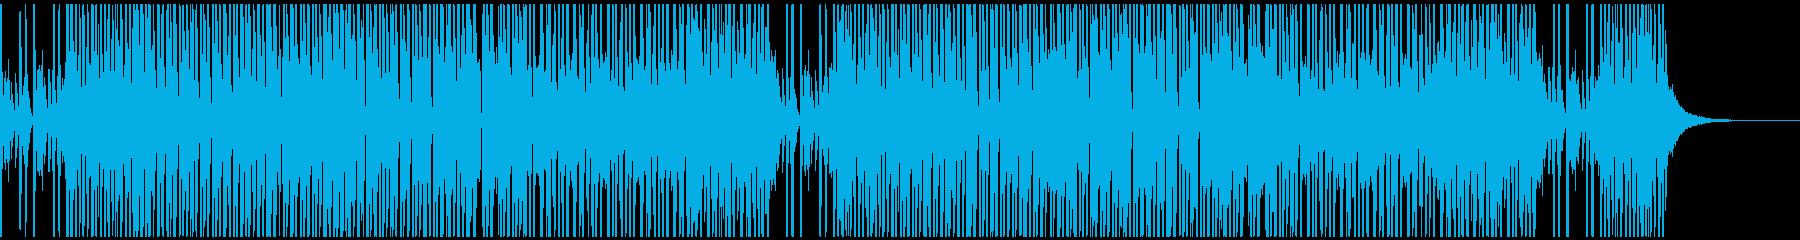 アップテンポなJAZZ風BGM_カフェの再生済みの波形